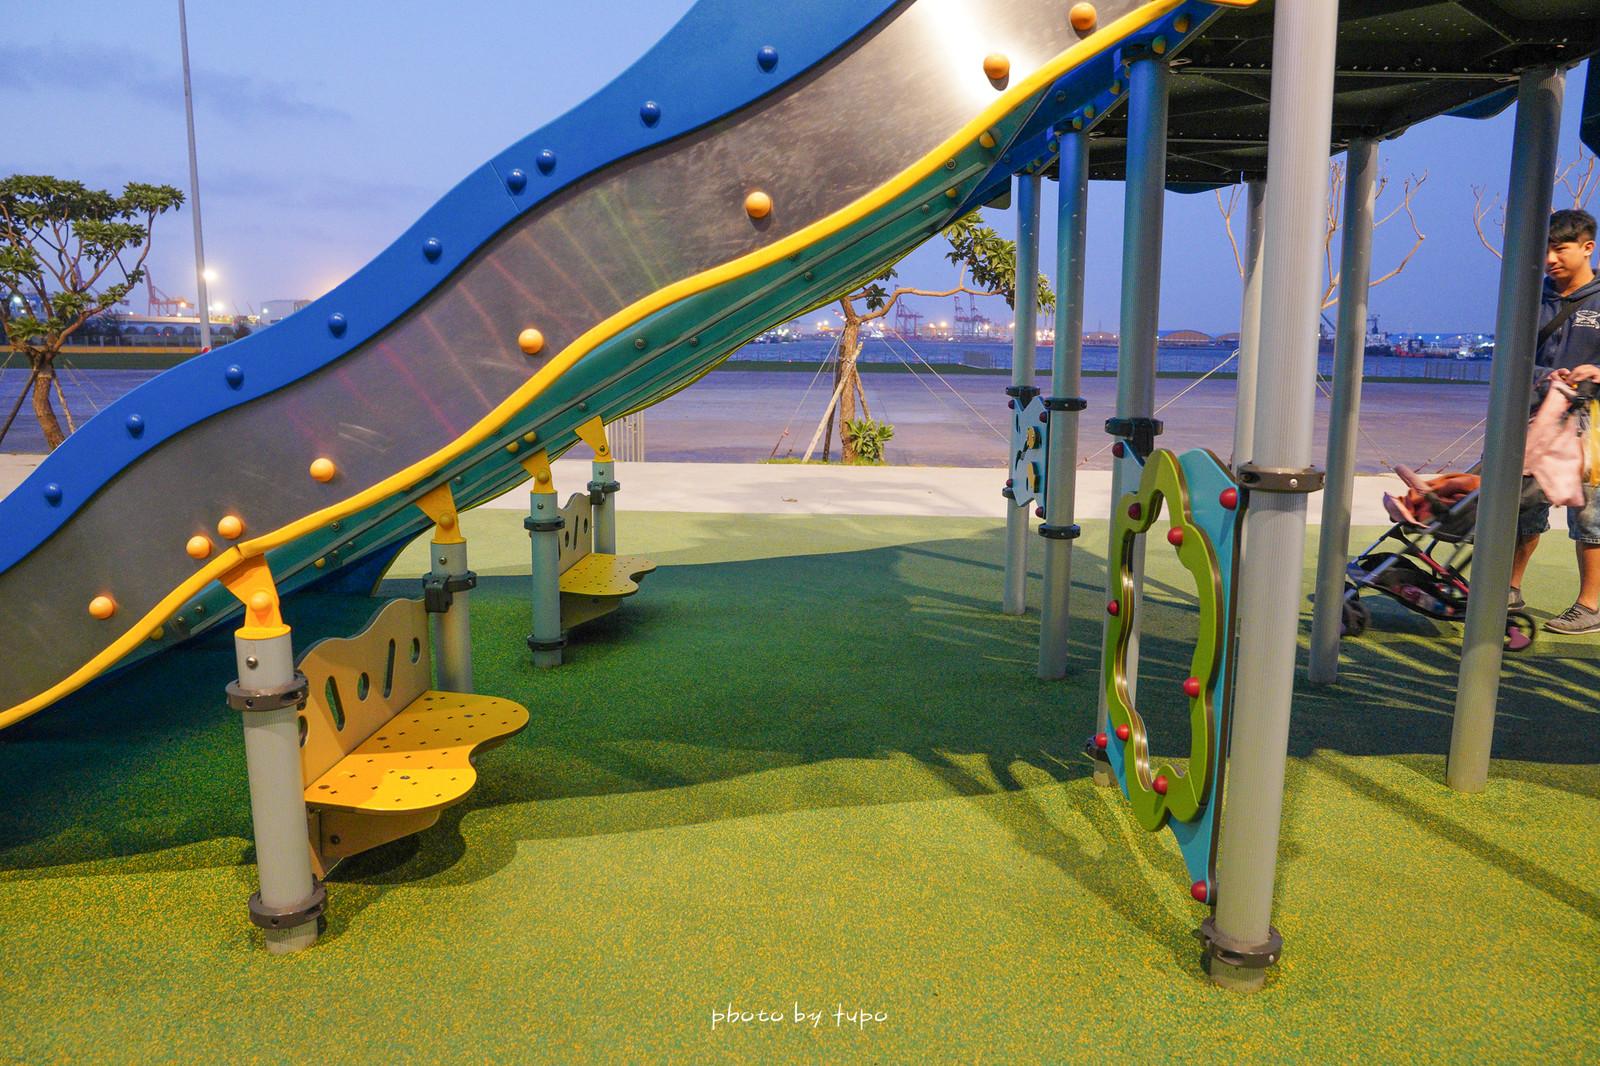 台中梧棲》超放電!台中三井OUTLET一日遊:特色公園、波浪溜滑梯、60米摩天輪、親子遊樂區、親子用餐區,可以玩整天!